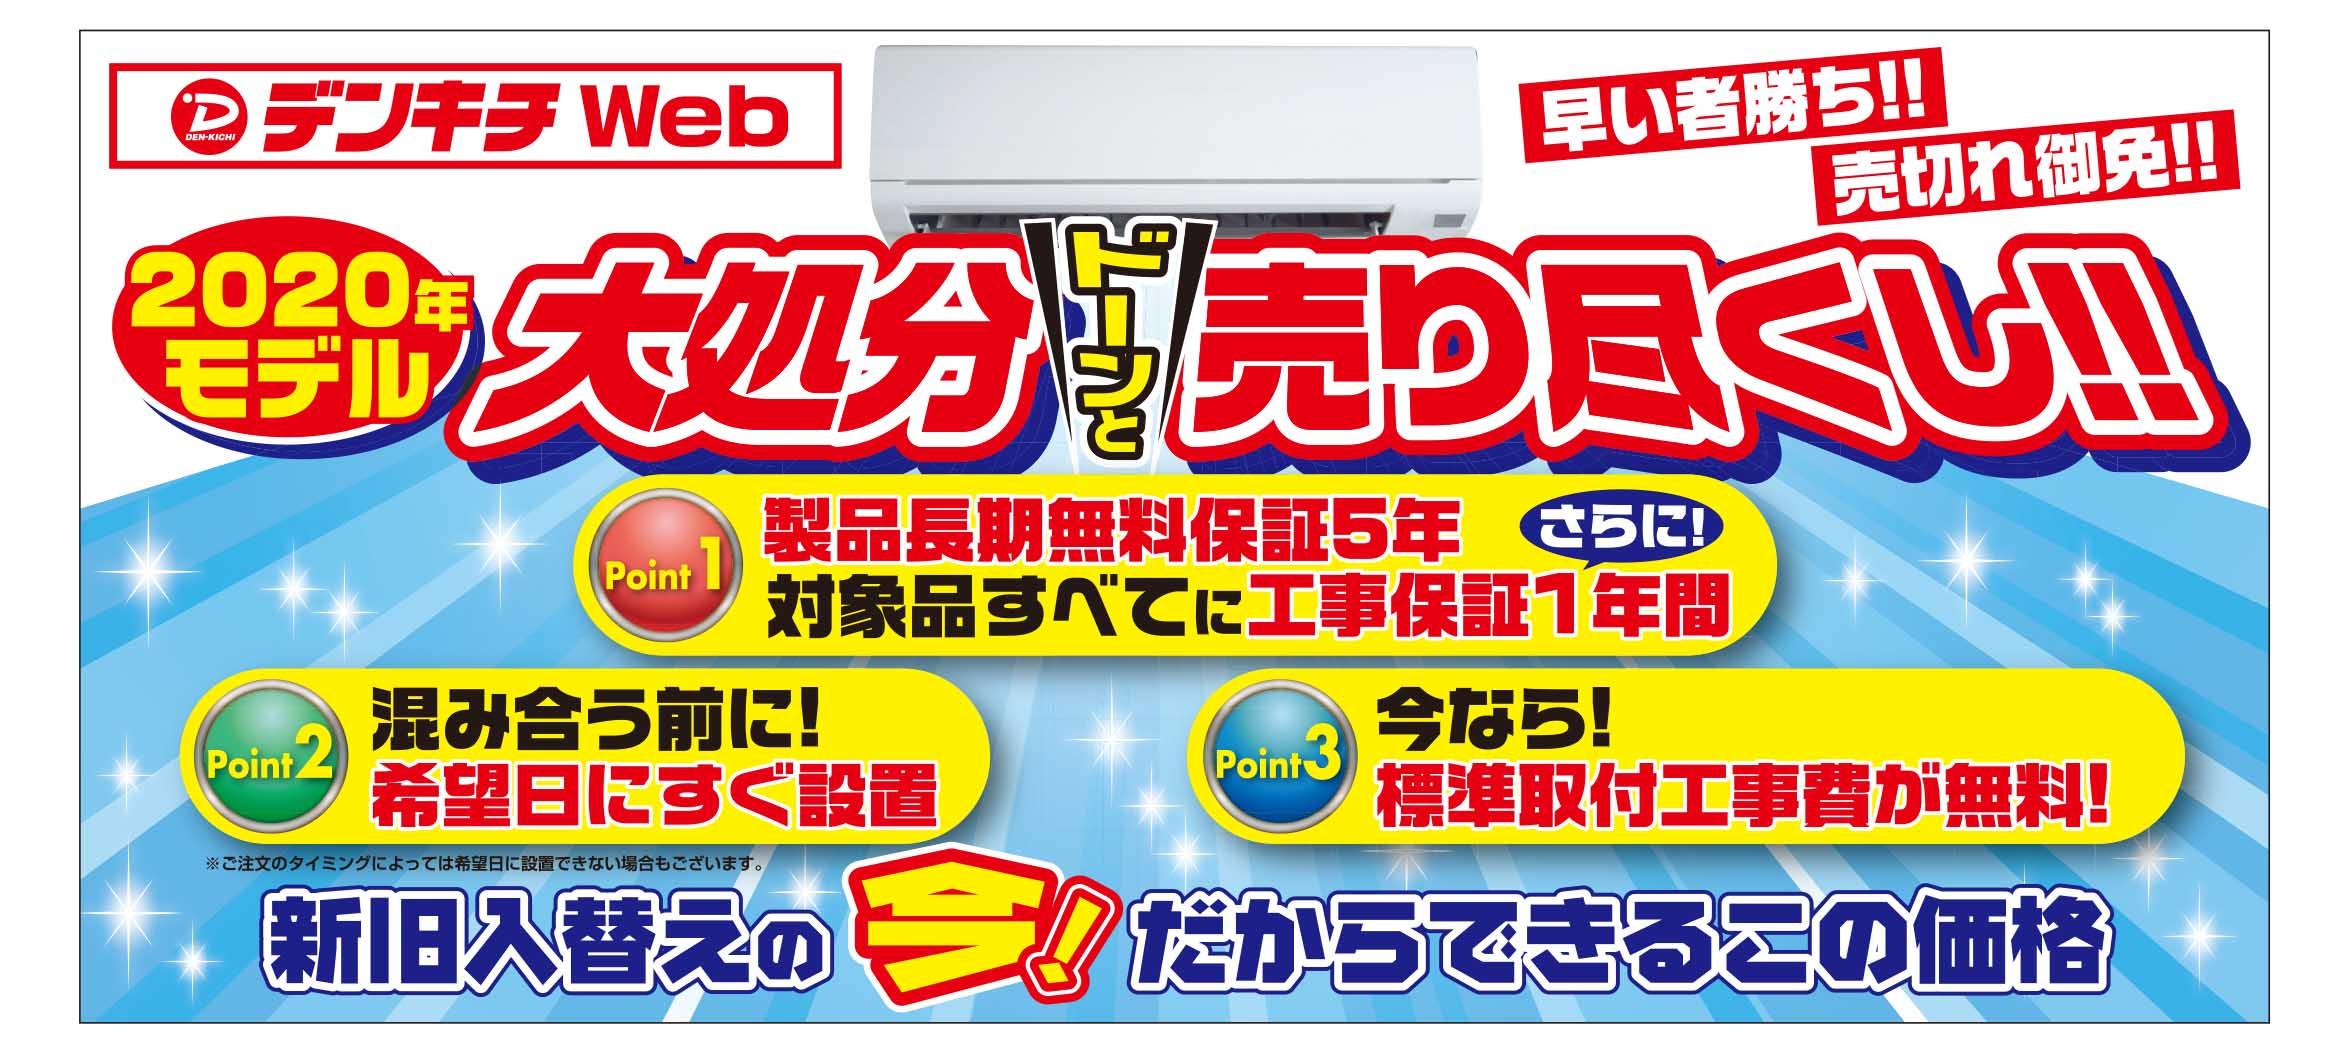 Web2020年モデル売りつくし